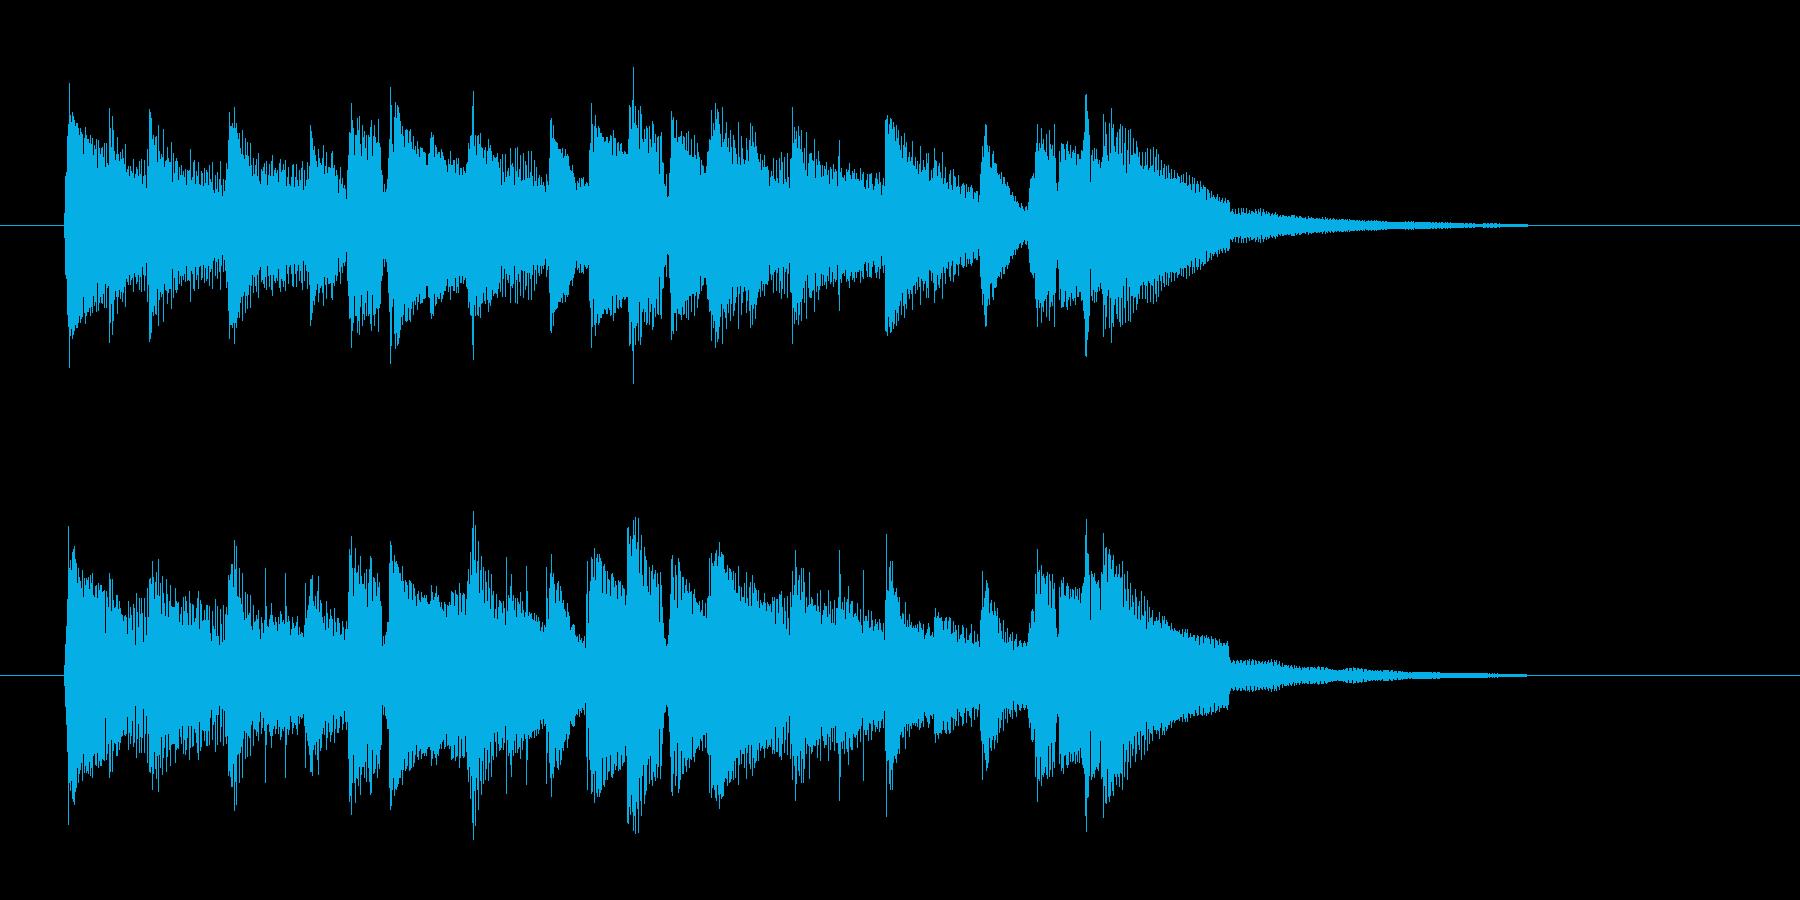 流れるようなミディアムテンポの曲の再生済みの波形